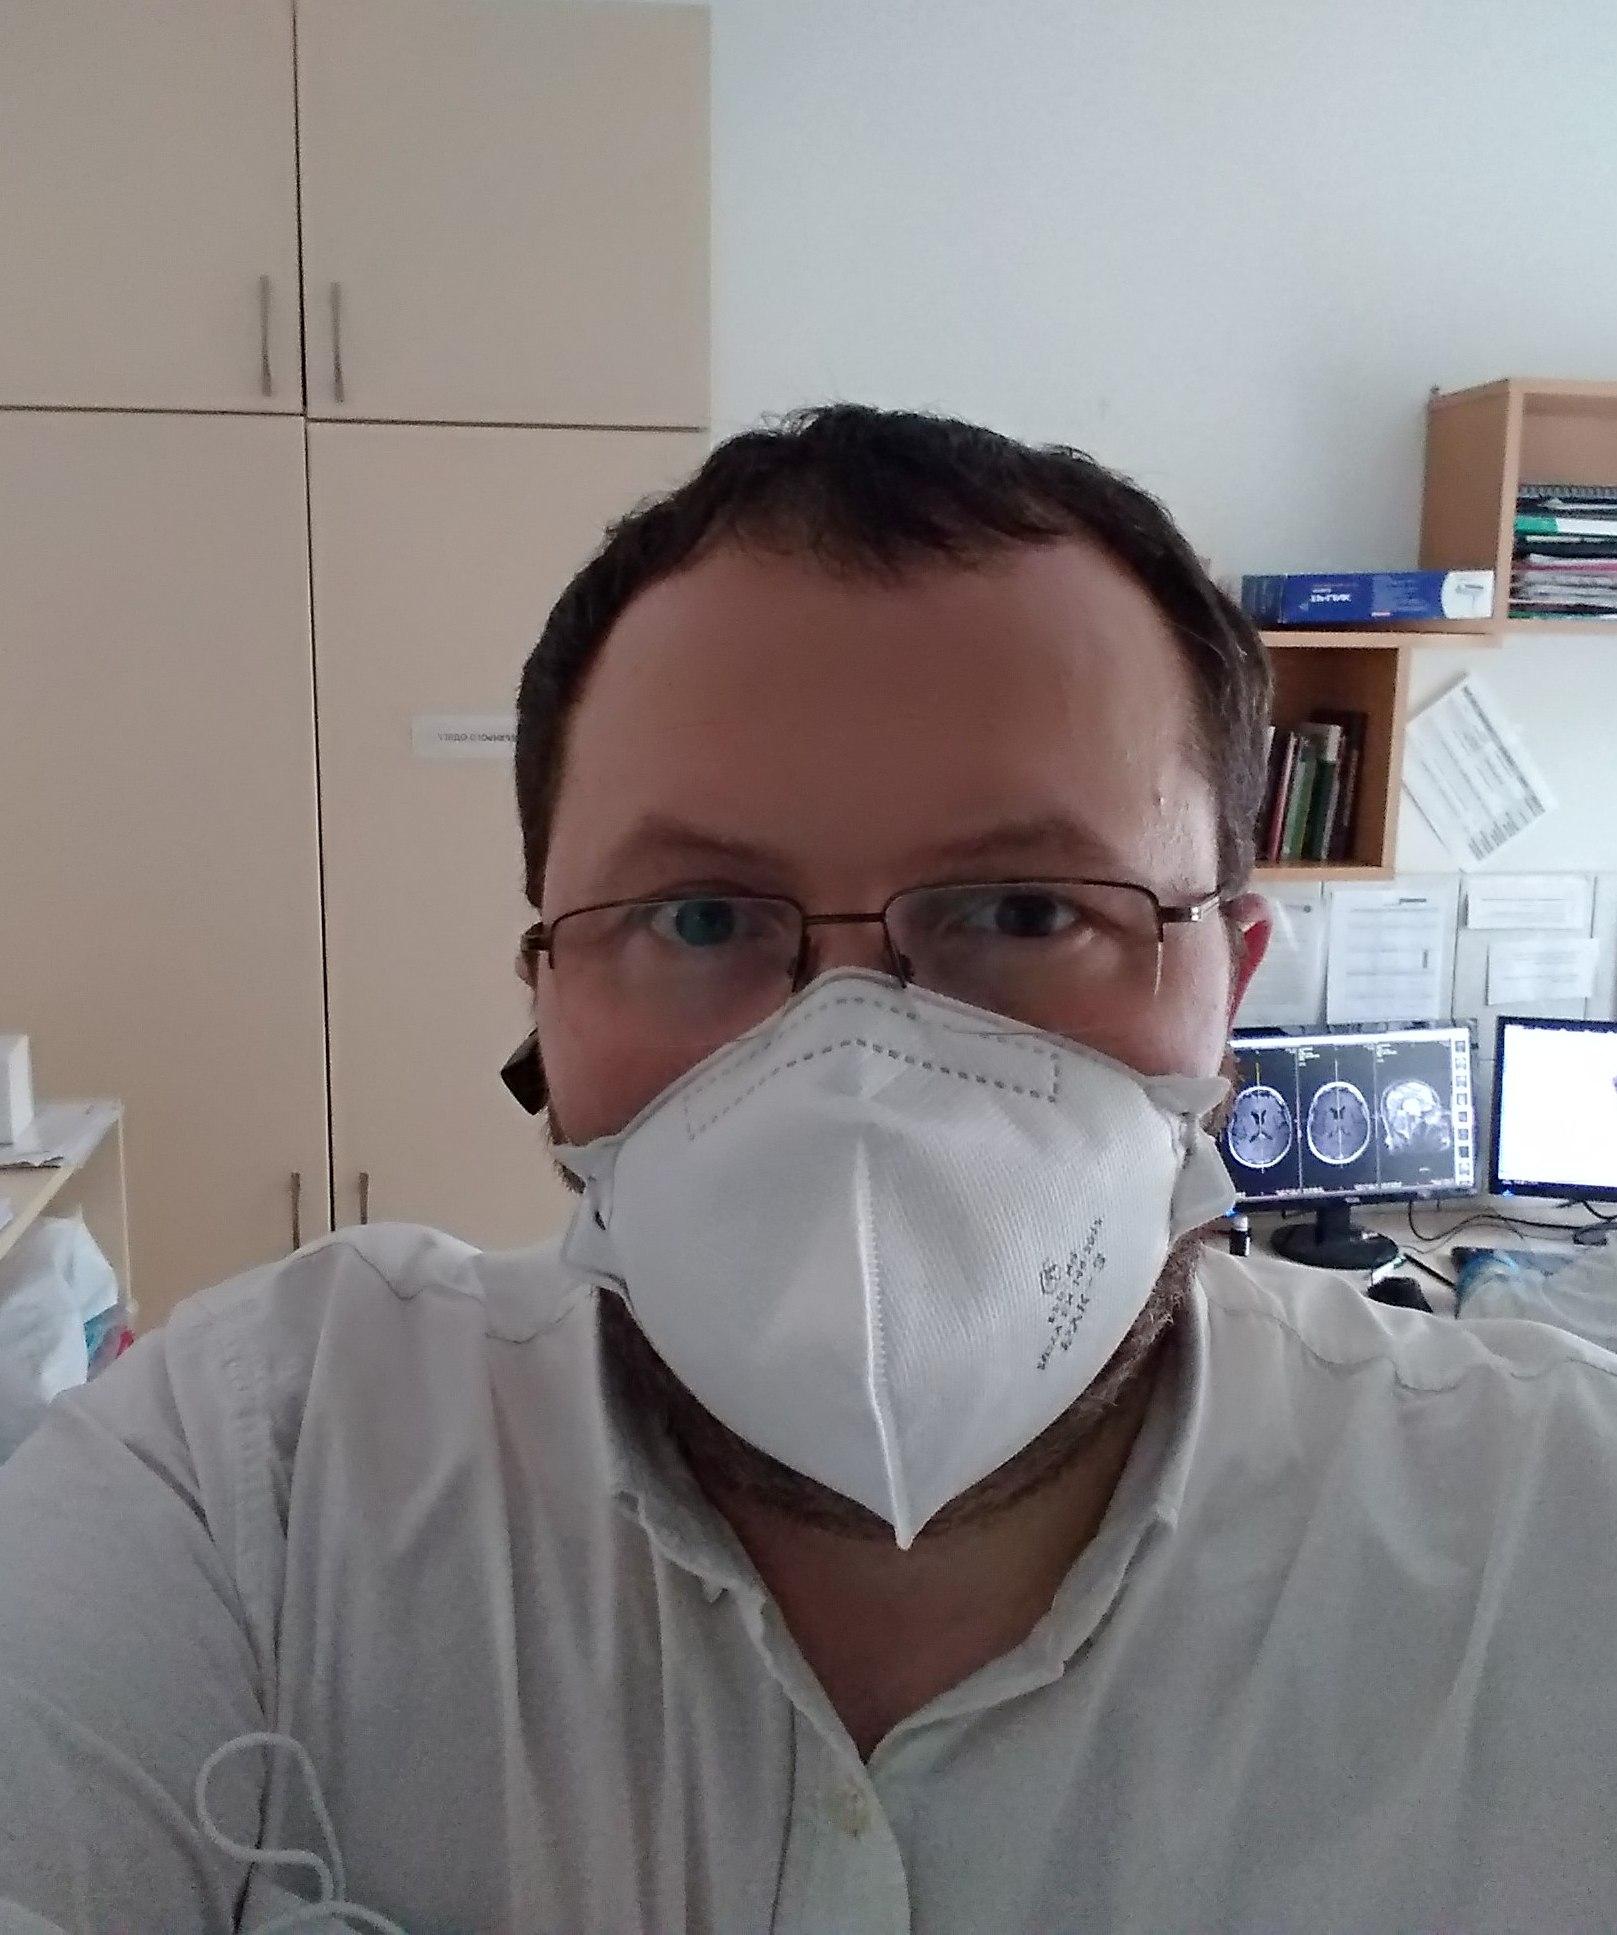 Навіщо потрібен карантин та самоізоляція при коронавірусній пандемії? Що далі... Haborets clinic